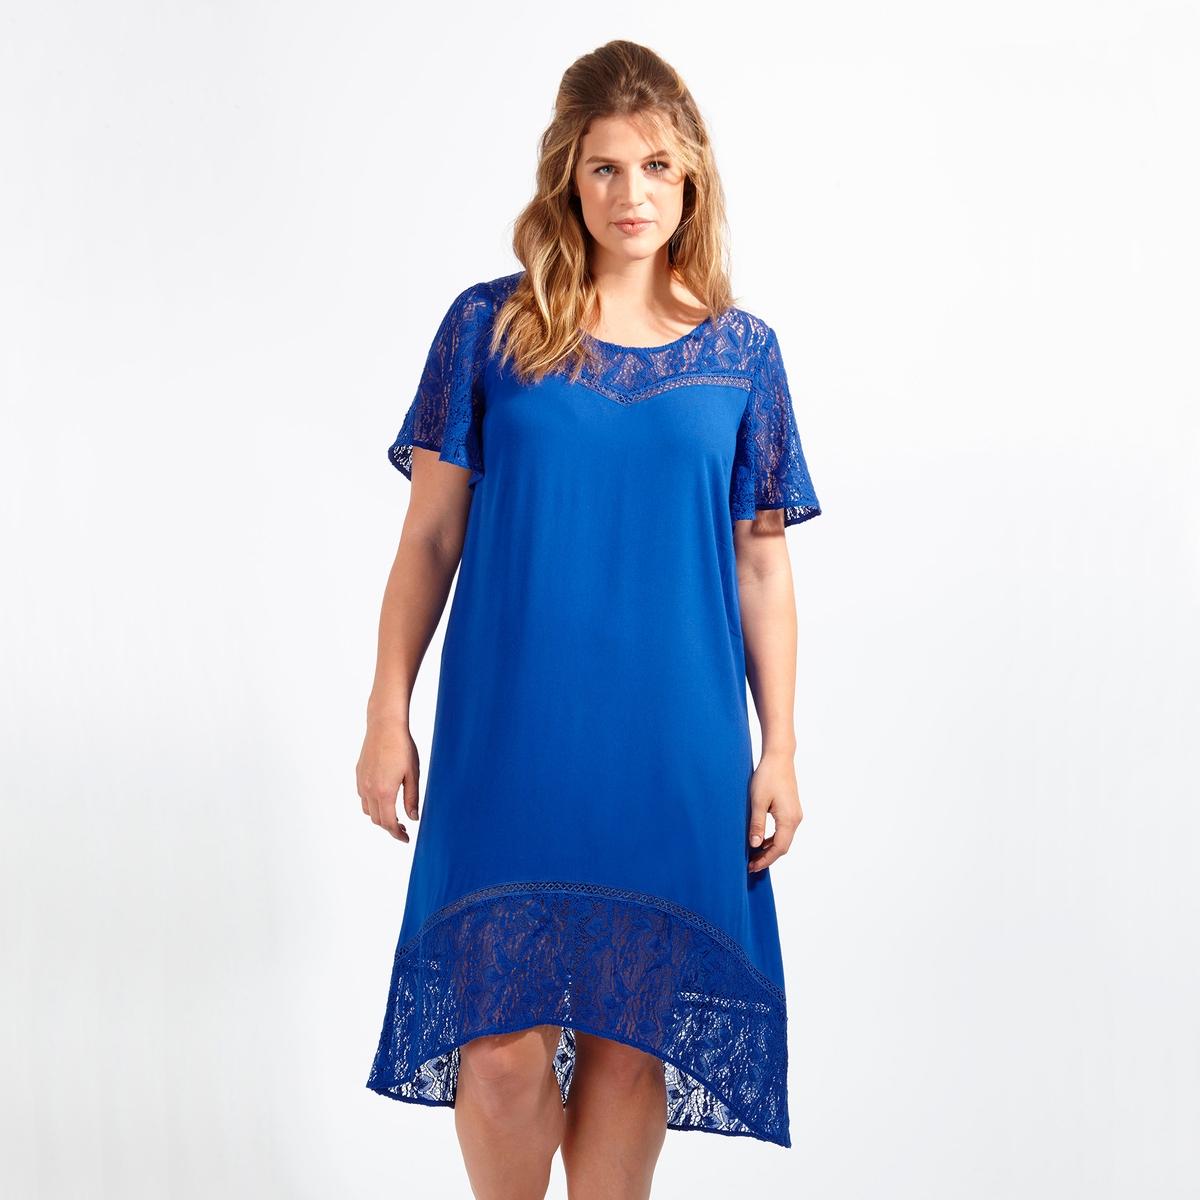 ПлатьеПлатье с короткими рукавами LOVEDROBE. 100% полиэстер. Симпатичное кружево в верхней части платья, на коротких рукавах и снизу<br><br>Цвет: синий<br>Размер: 50/52 (FR) - 56/58 (RUS).48 (FR) - 54 (RUS).58/60 (FR) - 64/66 (RUS).54/56 (FR) - 60/62 (RUS)